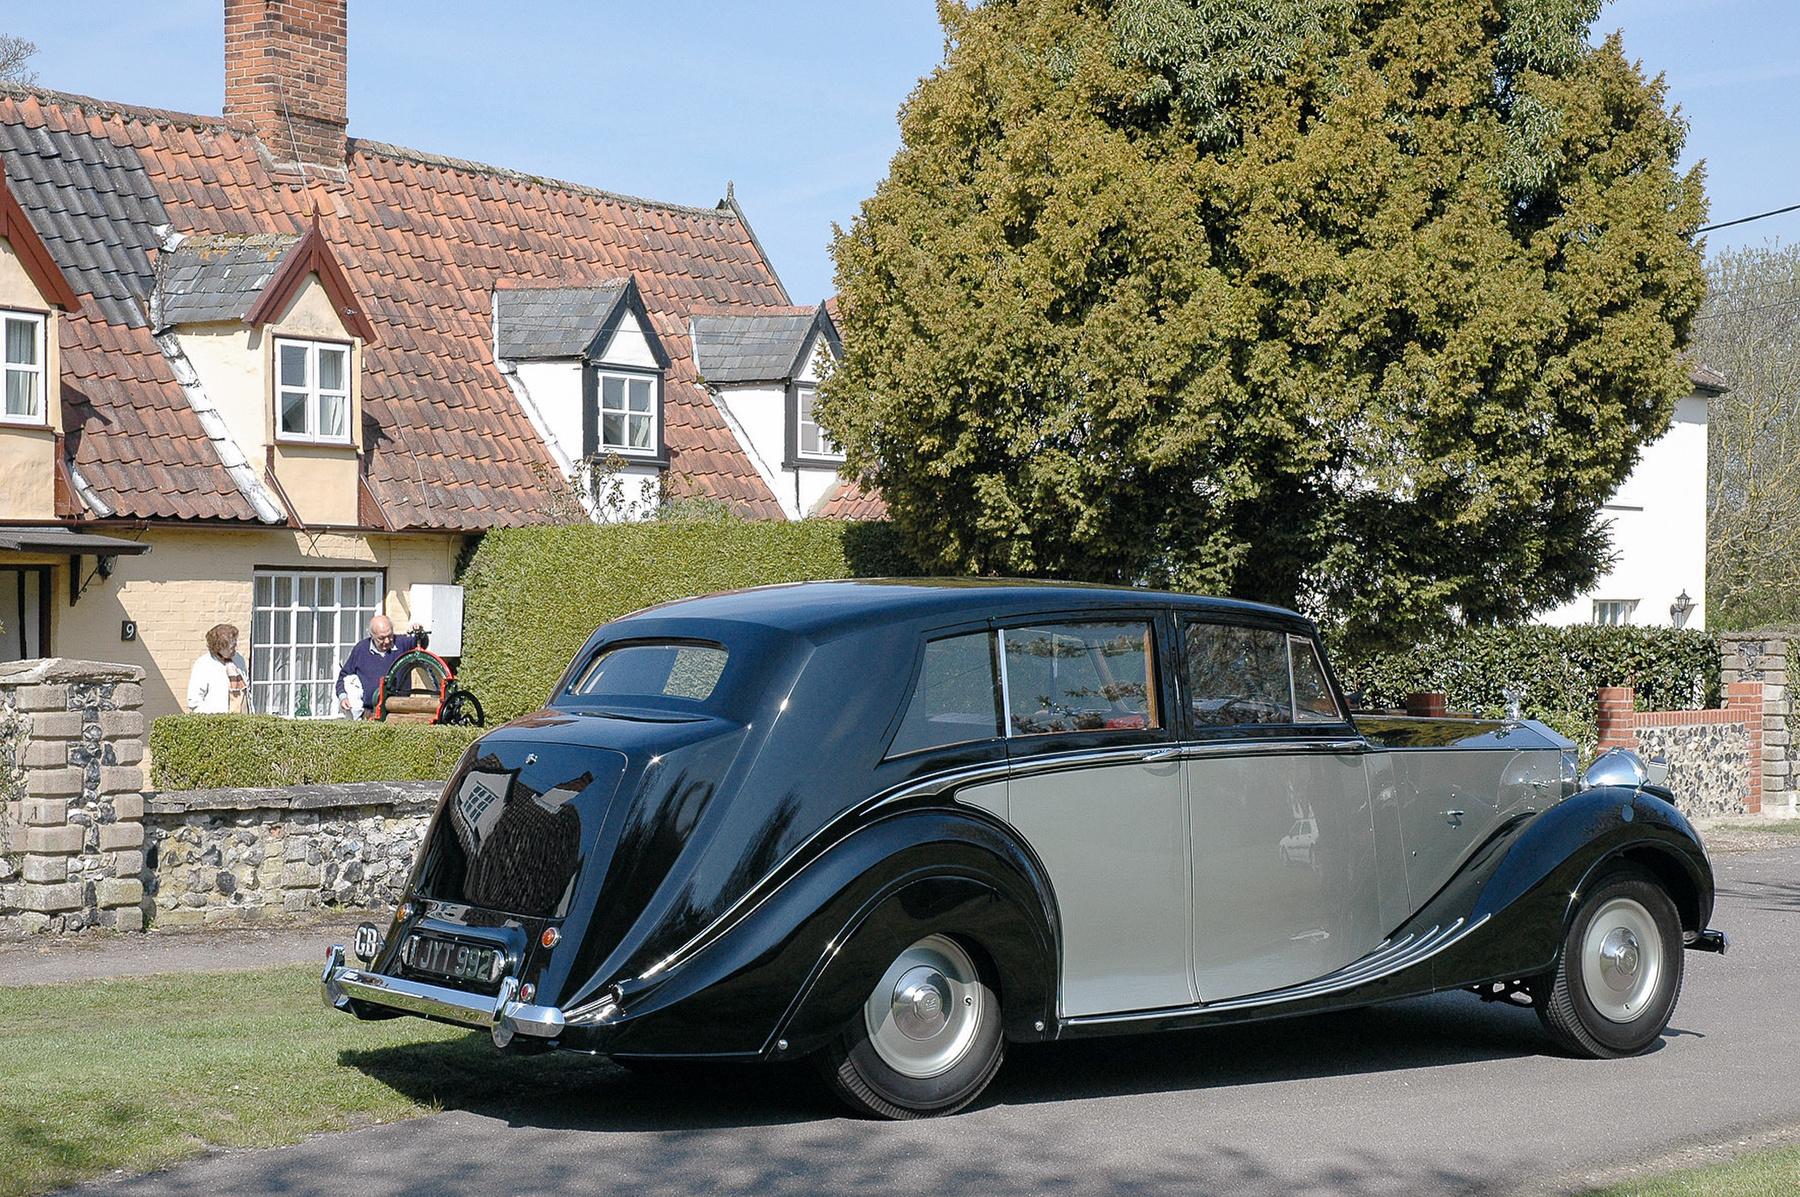 1948 Rolls Royce Silver Wraith Rolls Royce 1938